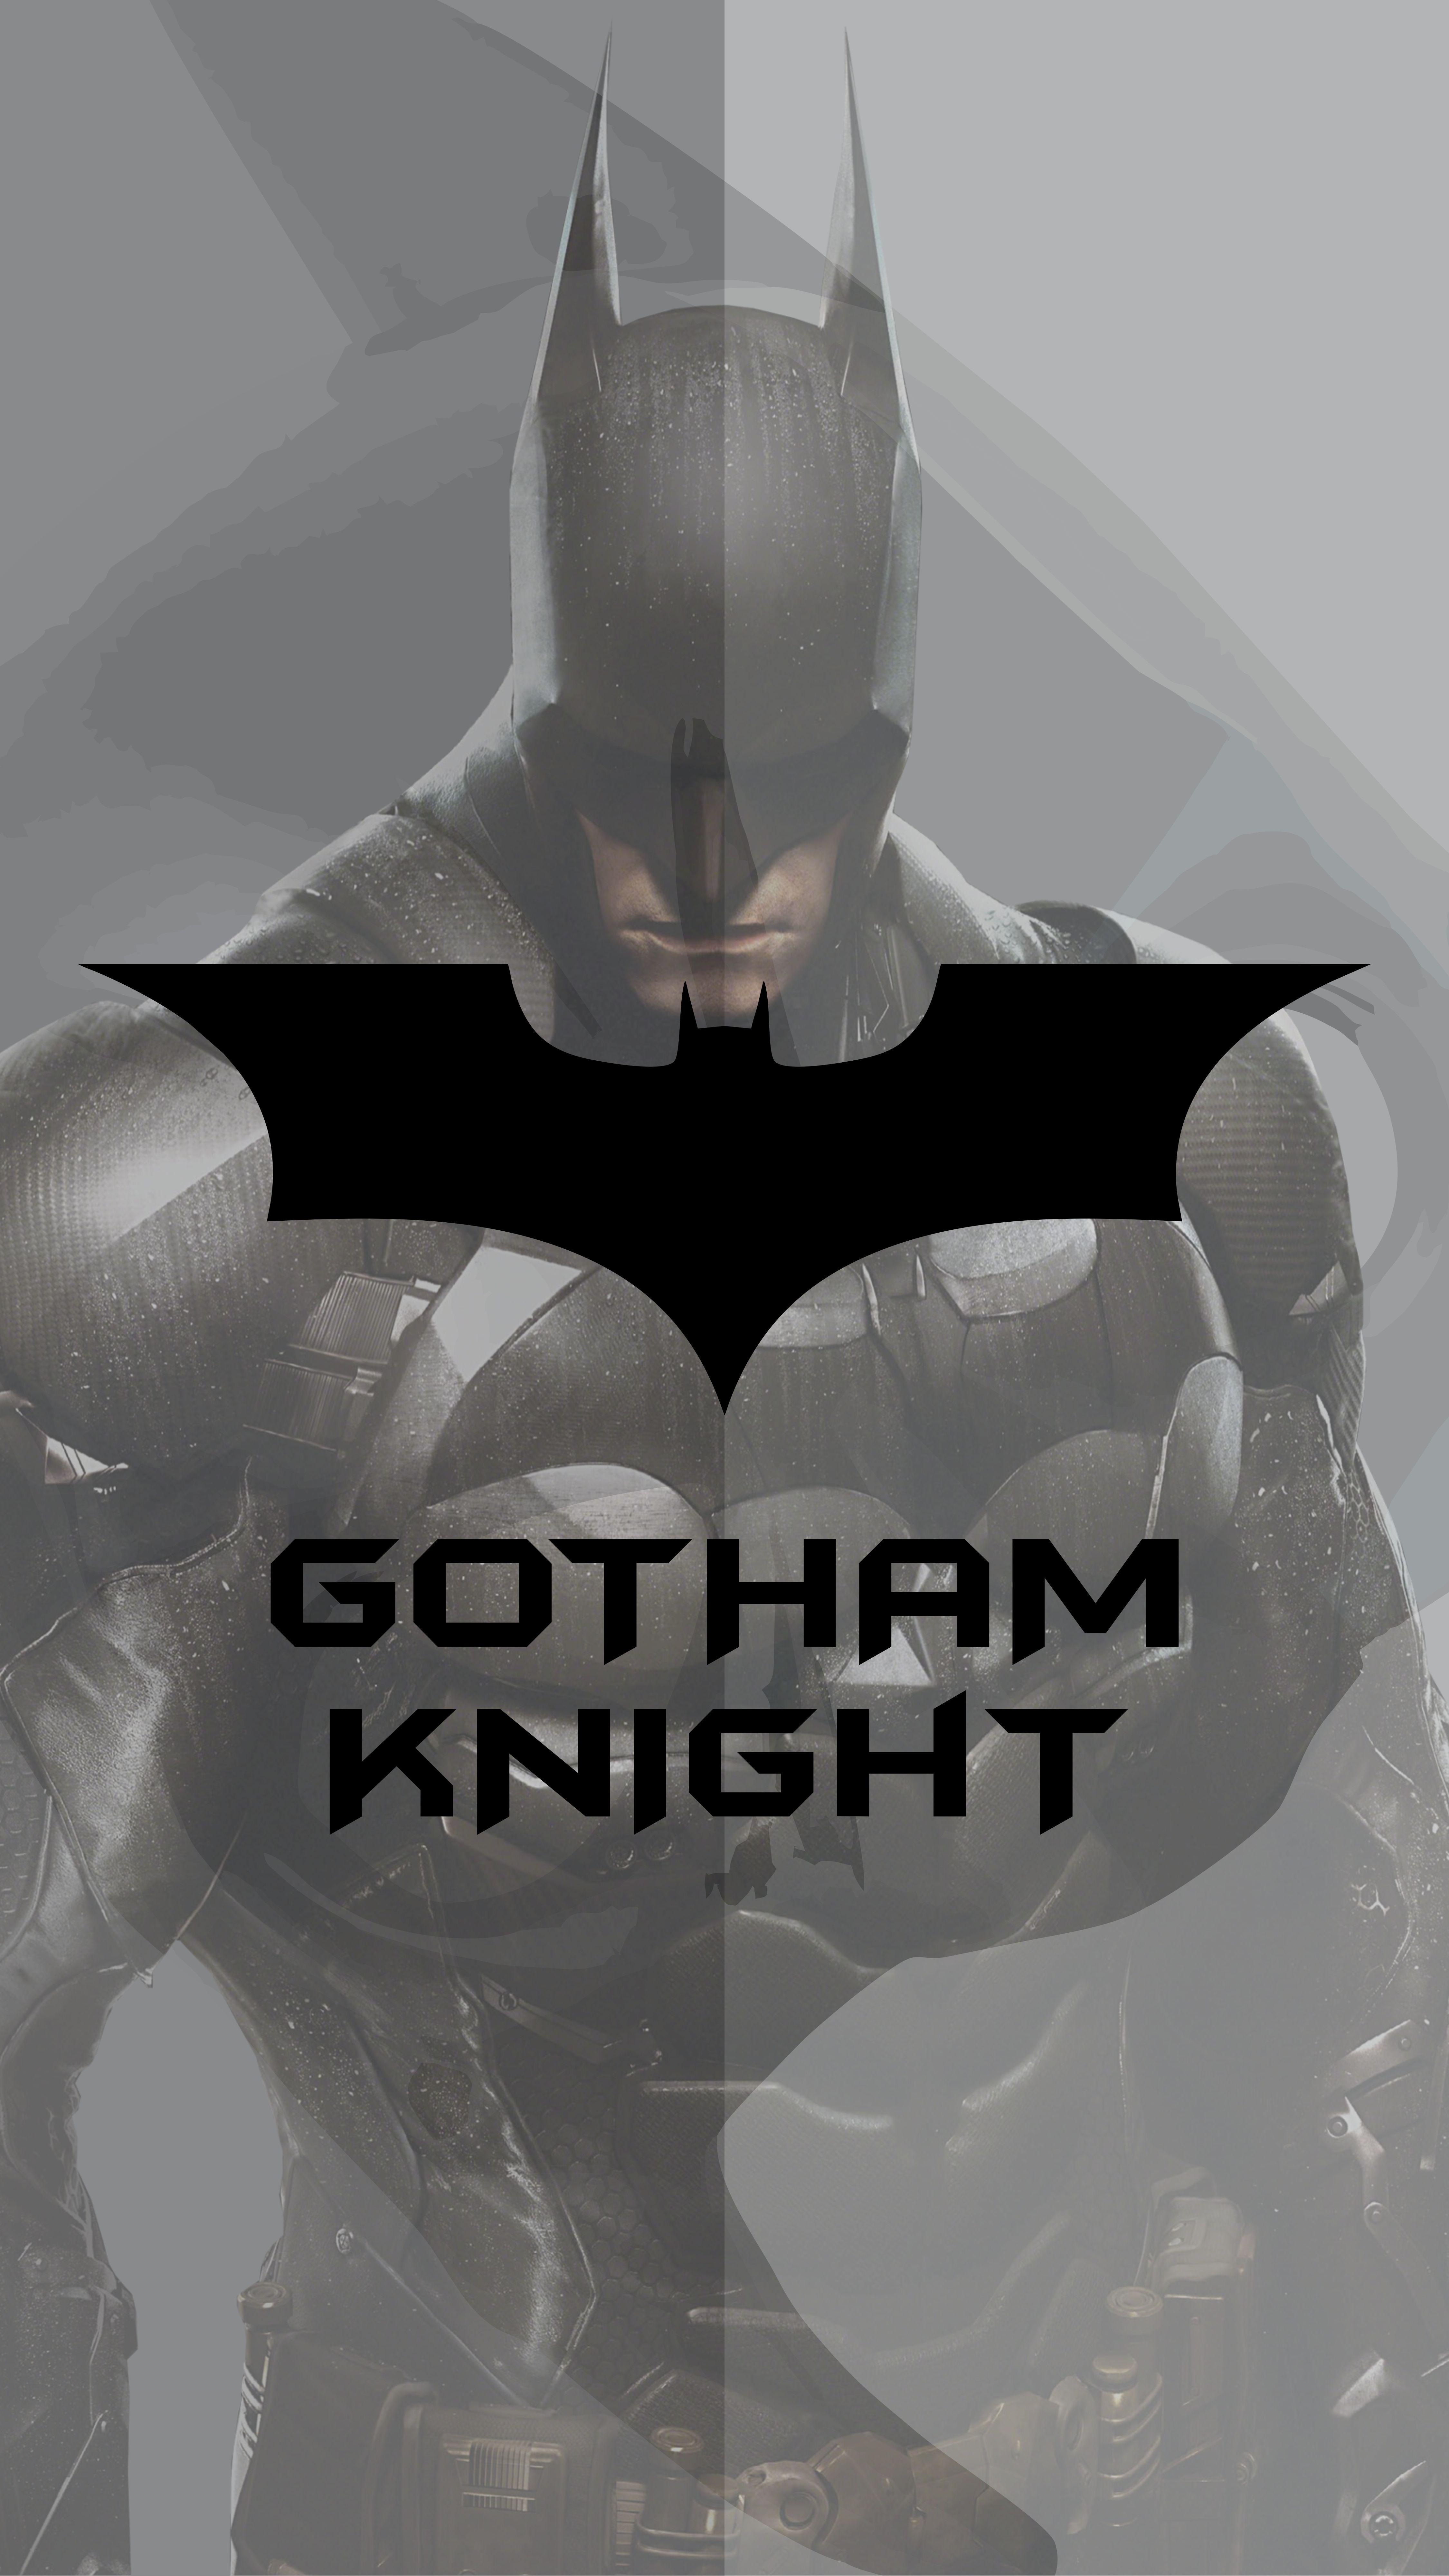 Android IPhone HD Wallpaper BATMAN DC DCEU DCComics Batman GothamKnight BruceWayne